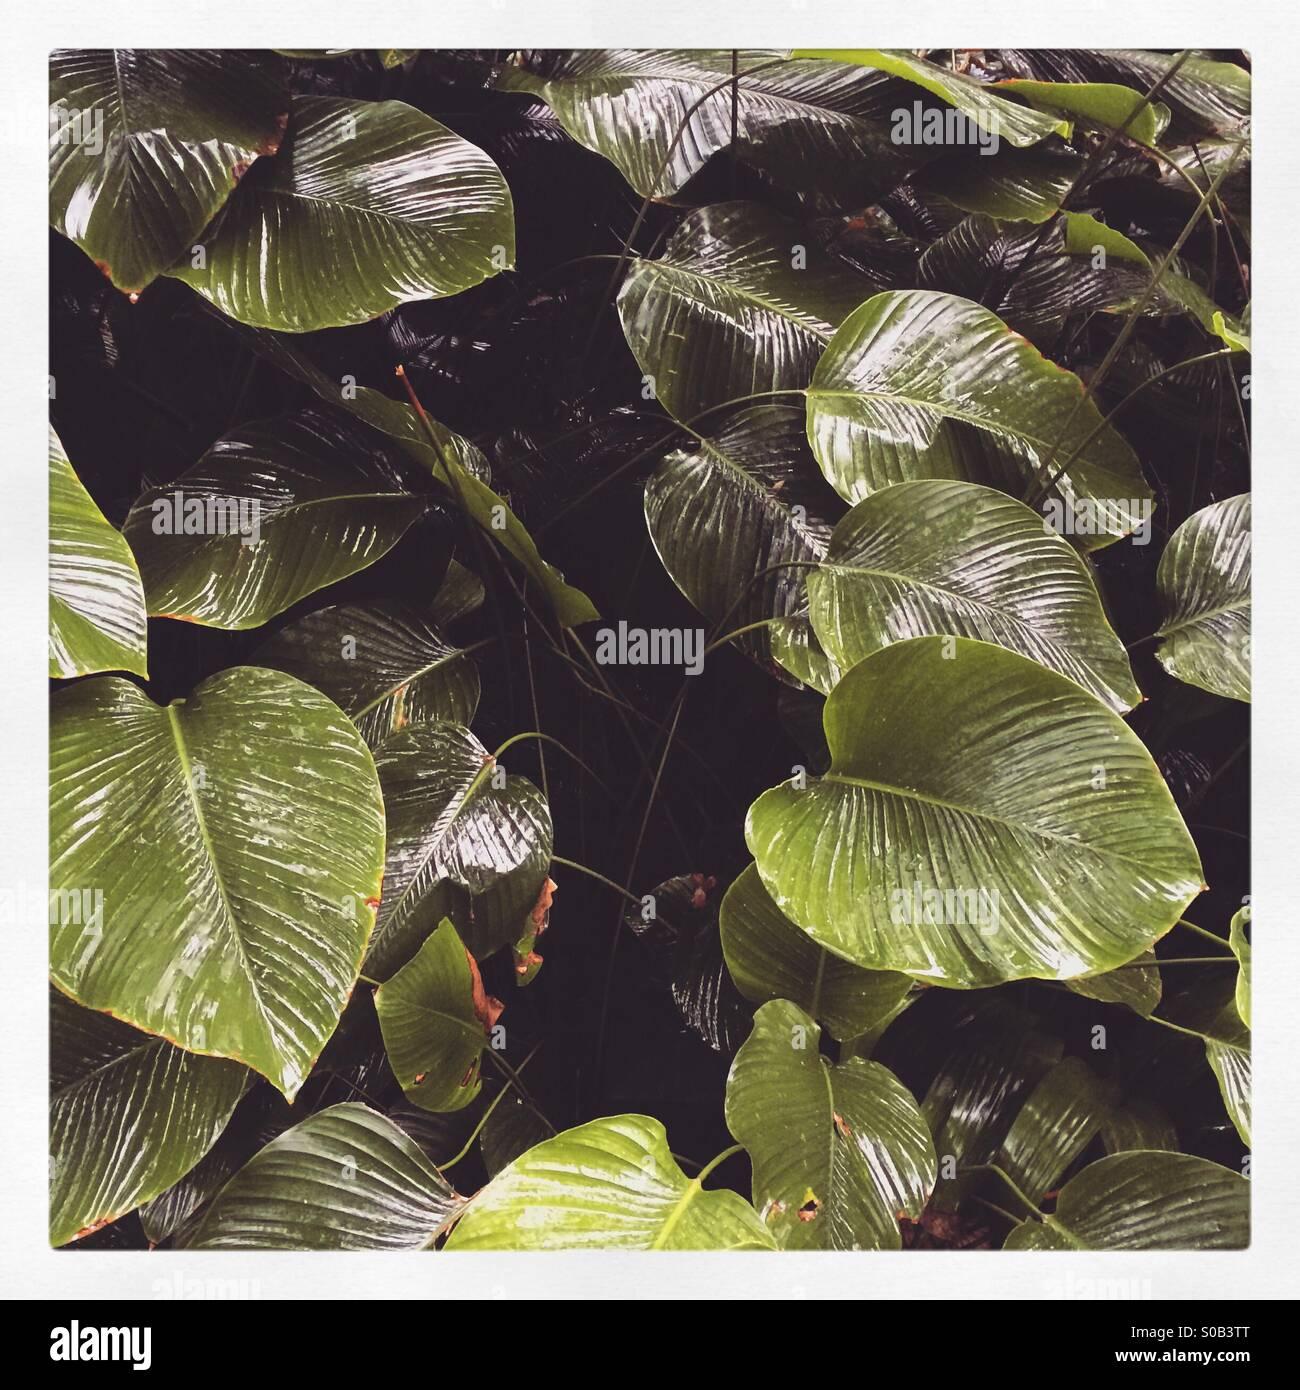 Les feuilles géantes dans un environnement de jungle Photo Stock